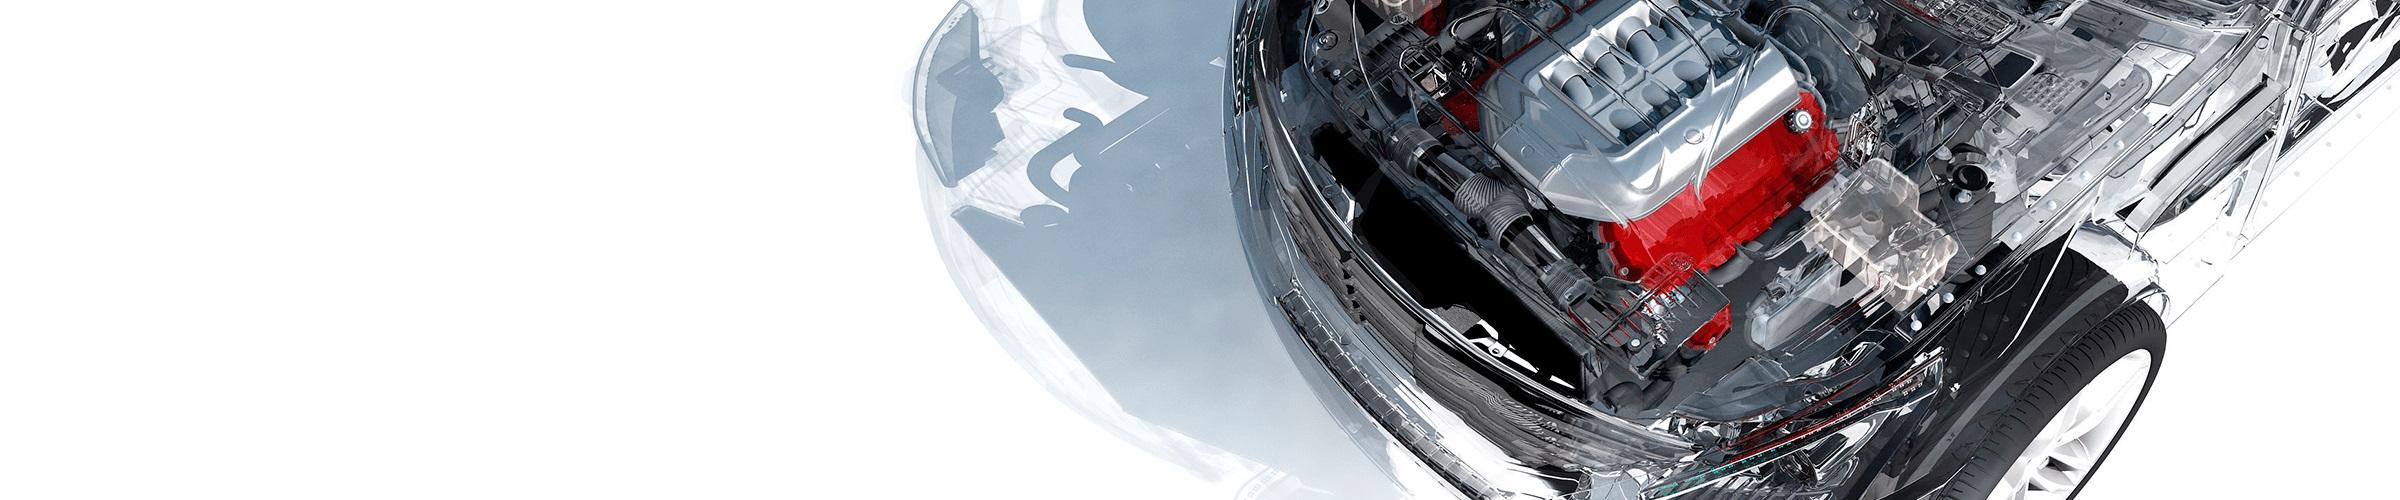 032019_automotive_banner